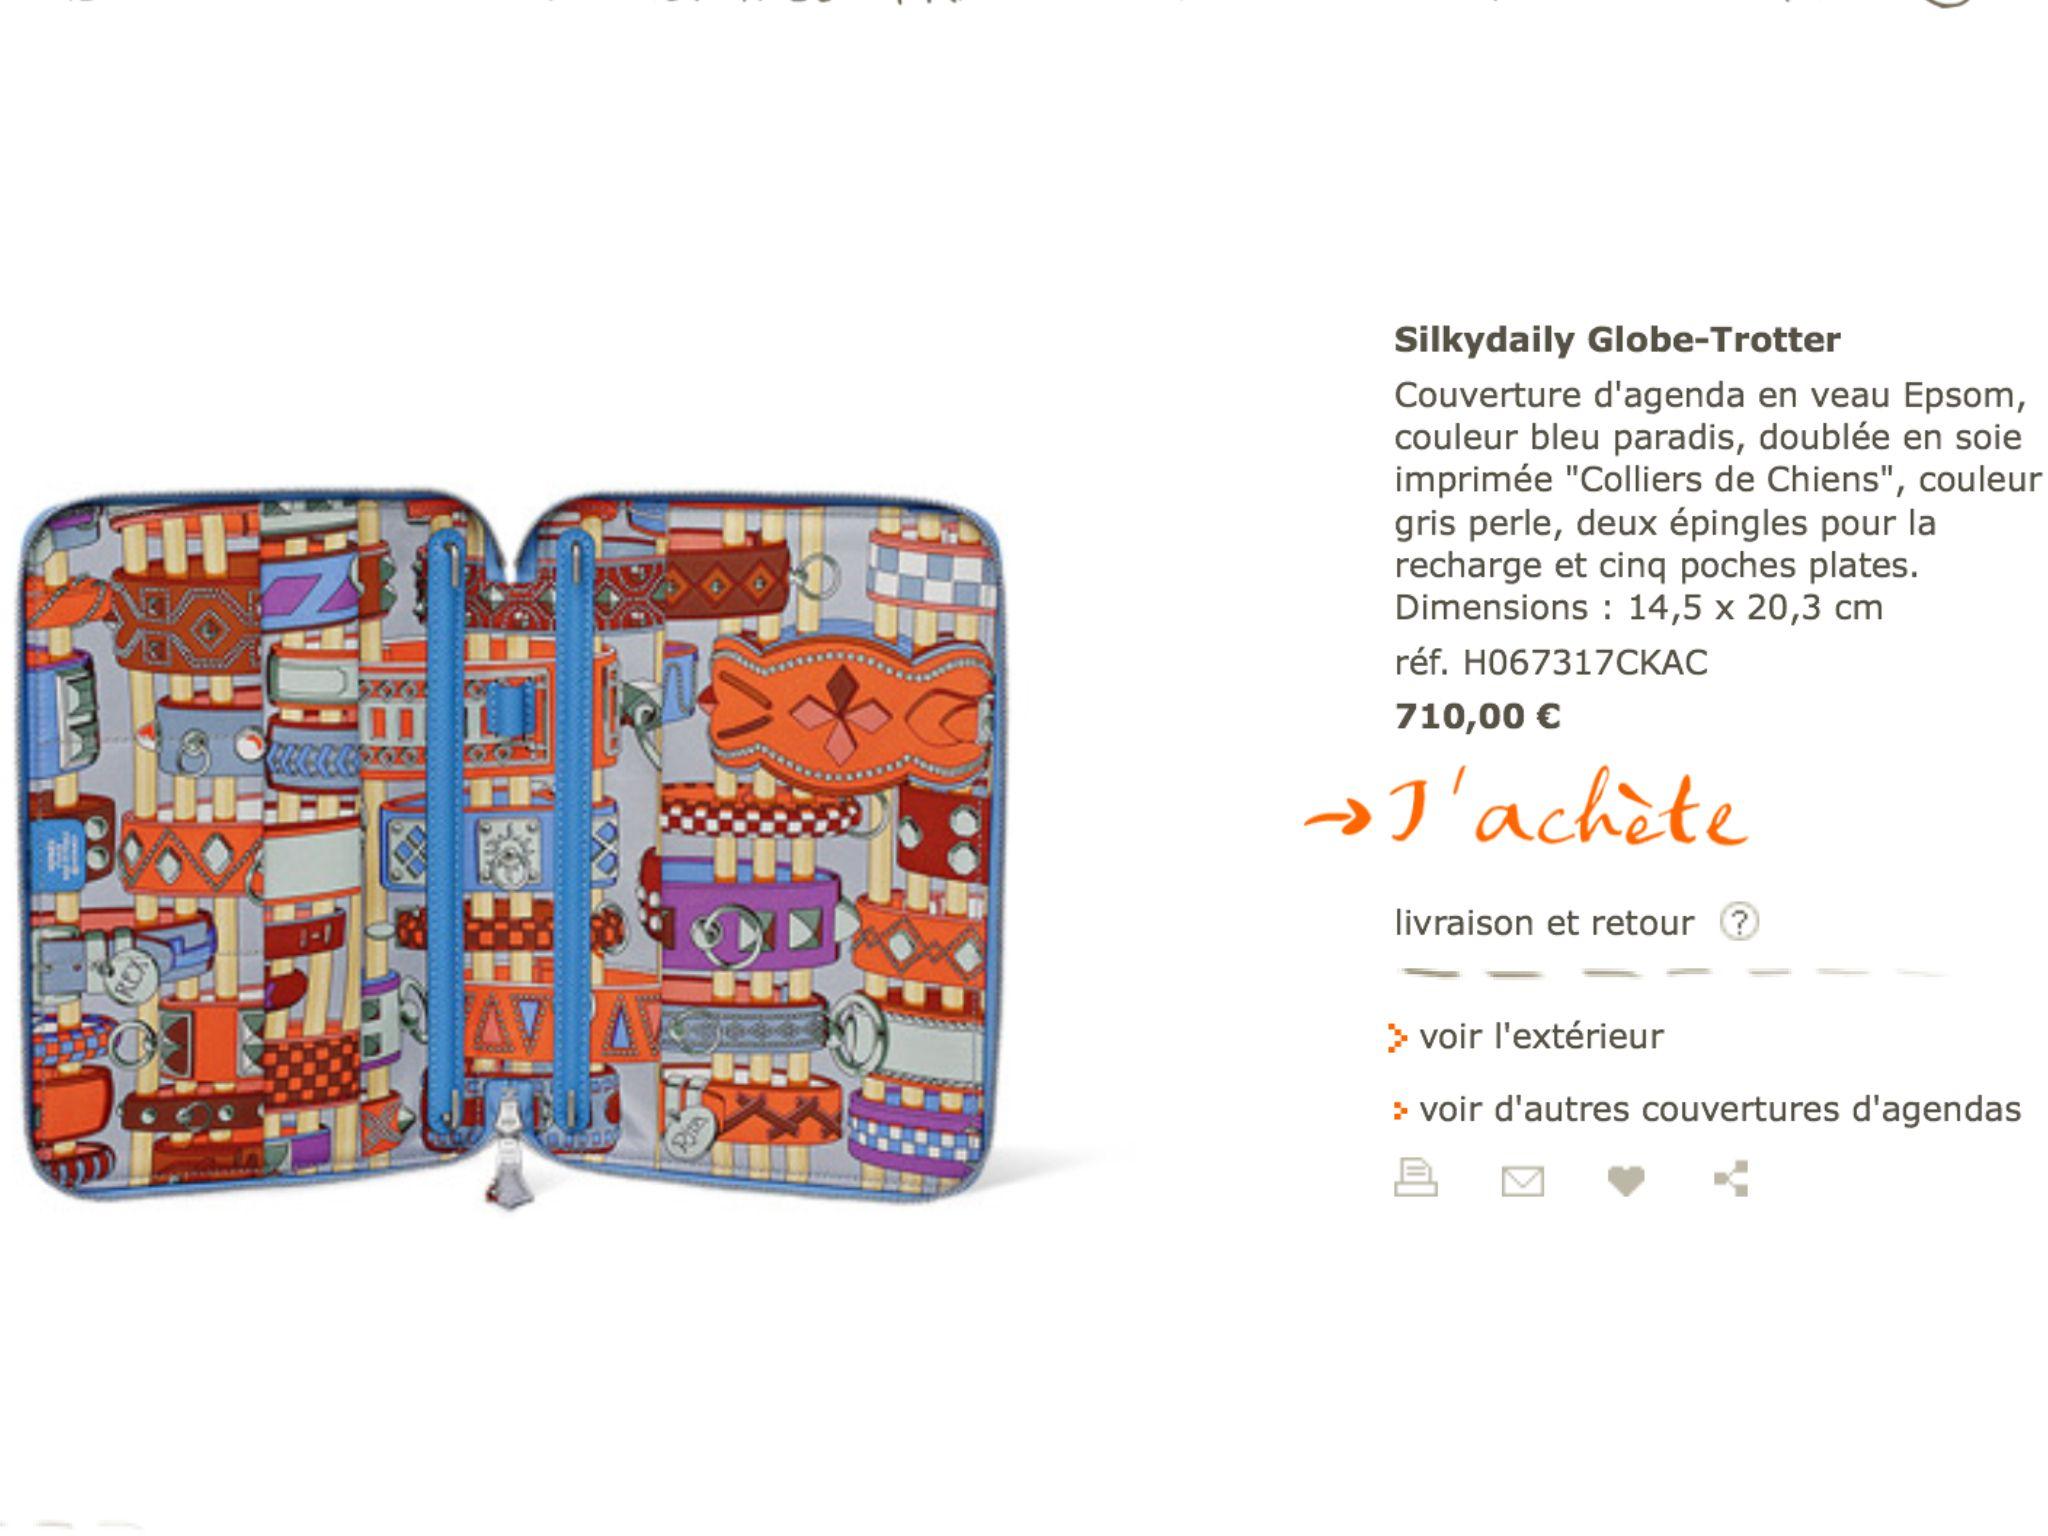 Hermes Silky Collection Zip Agenda Avec Images Couleur Gris